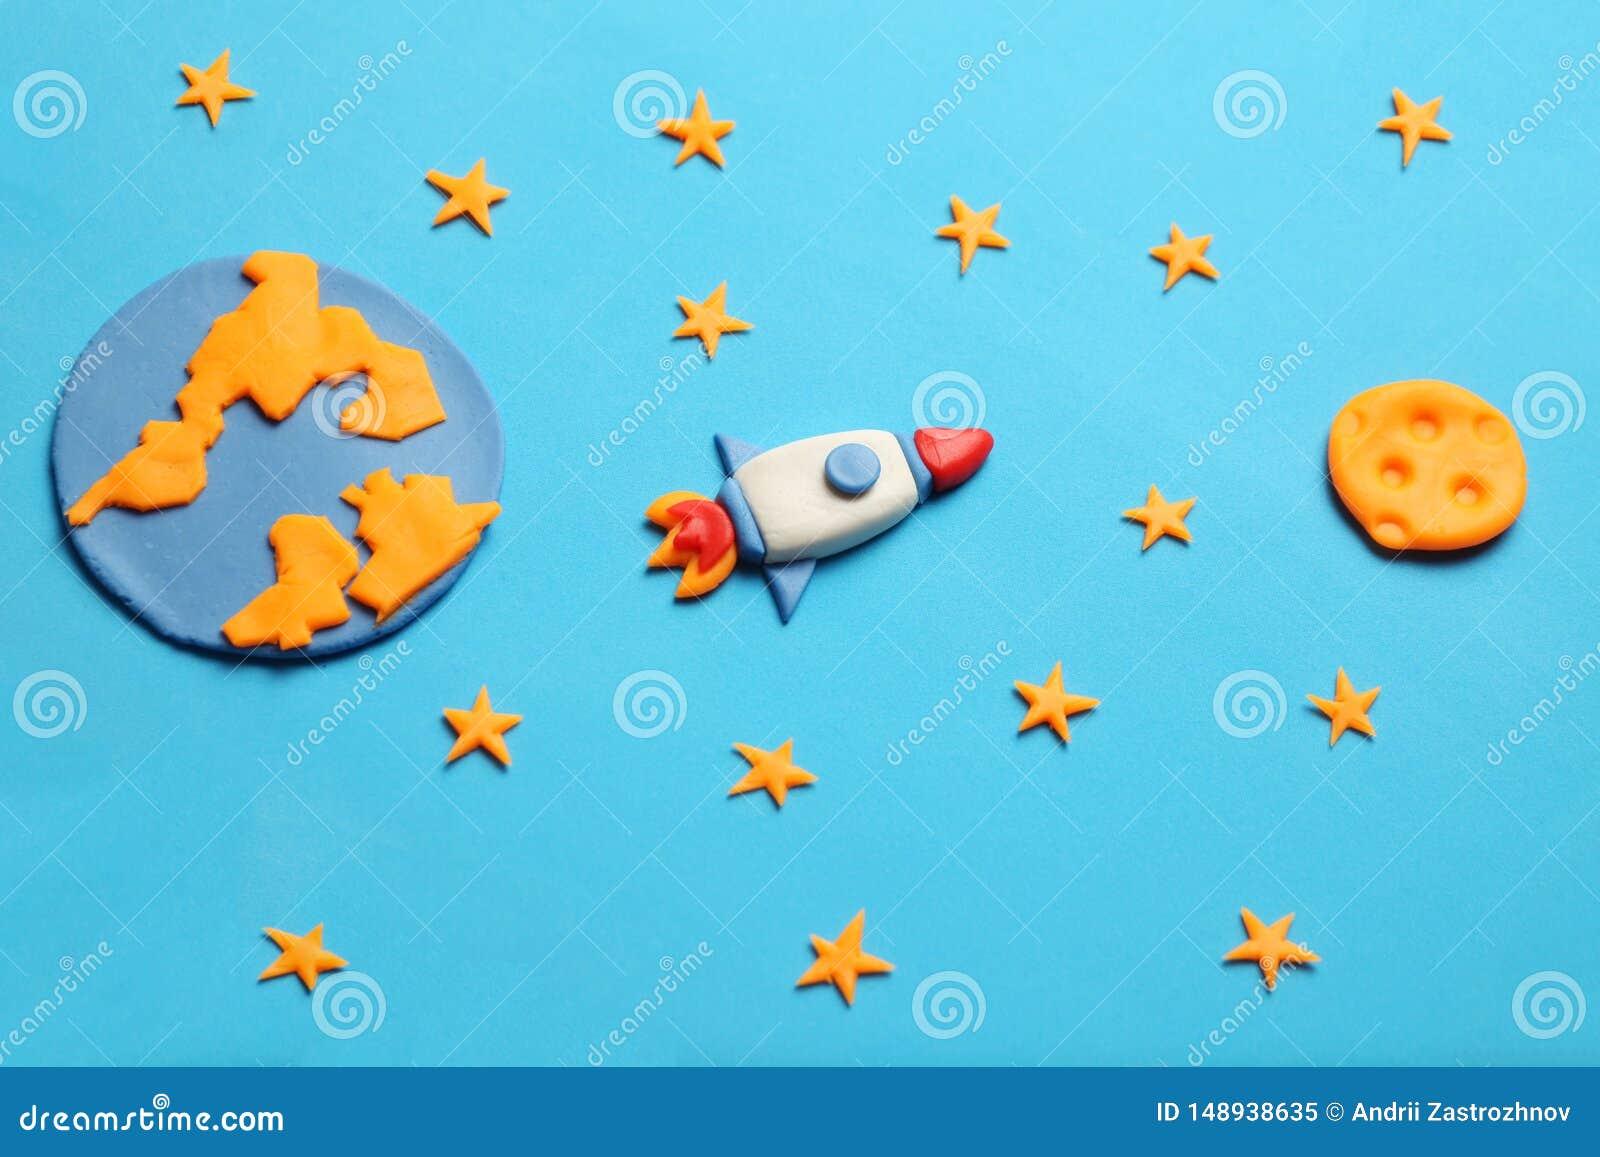 Творческая ракета пластилина ремесла в открытом пространстве, мечтах астронавта Звезды, земля планеты и луна Искусство мультфильм